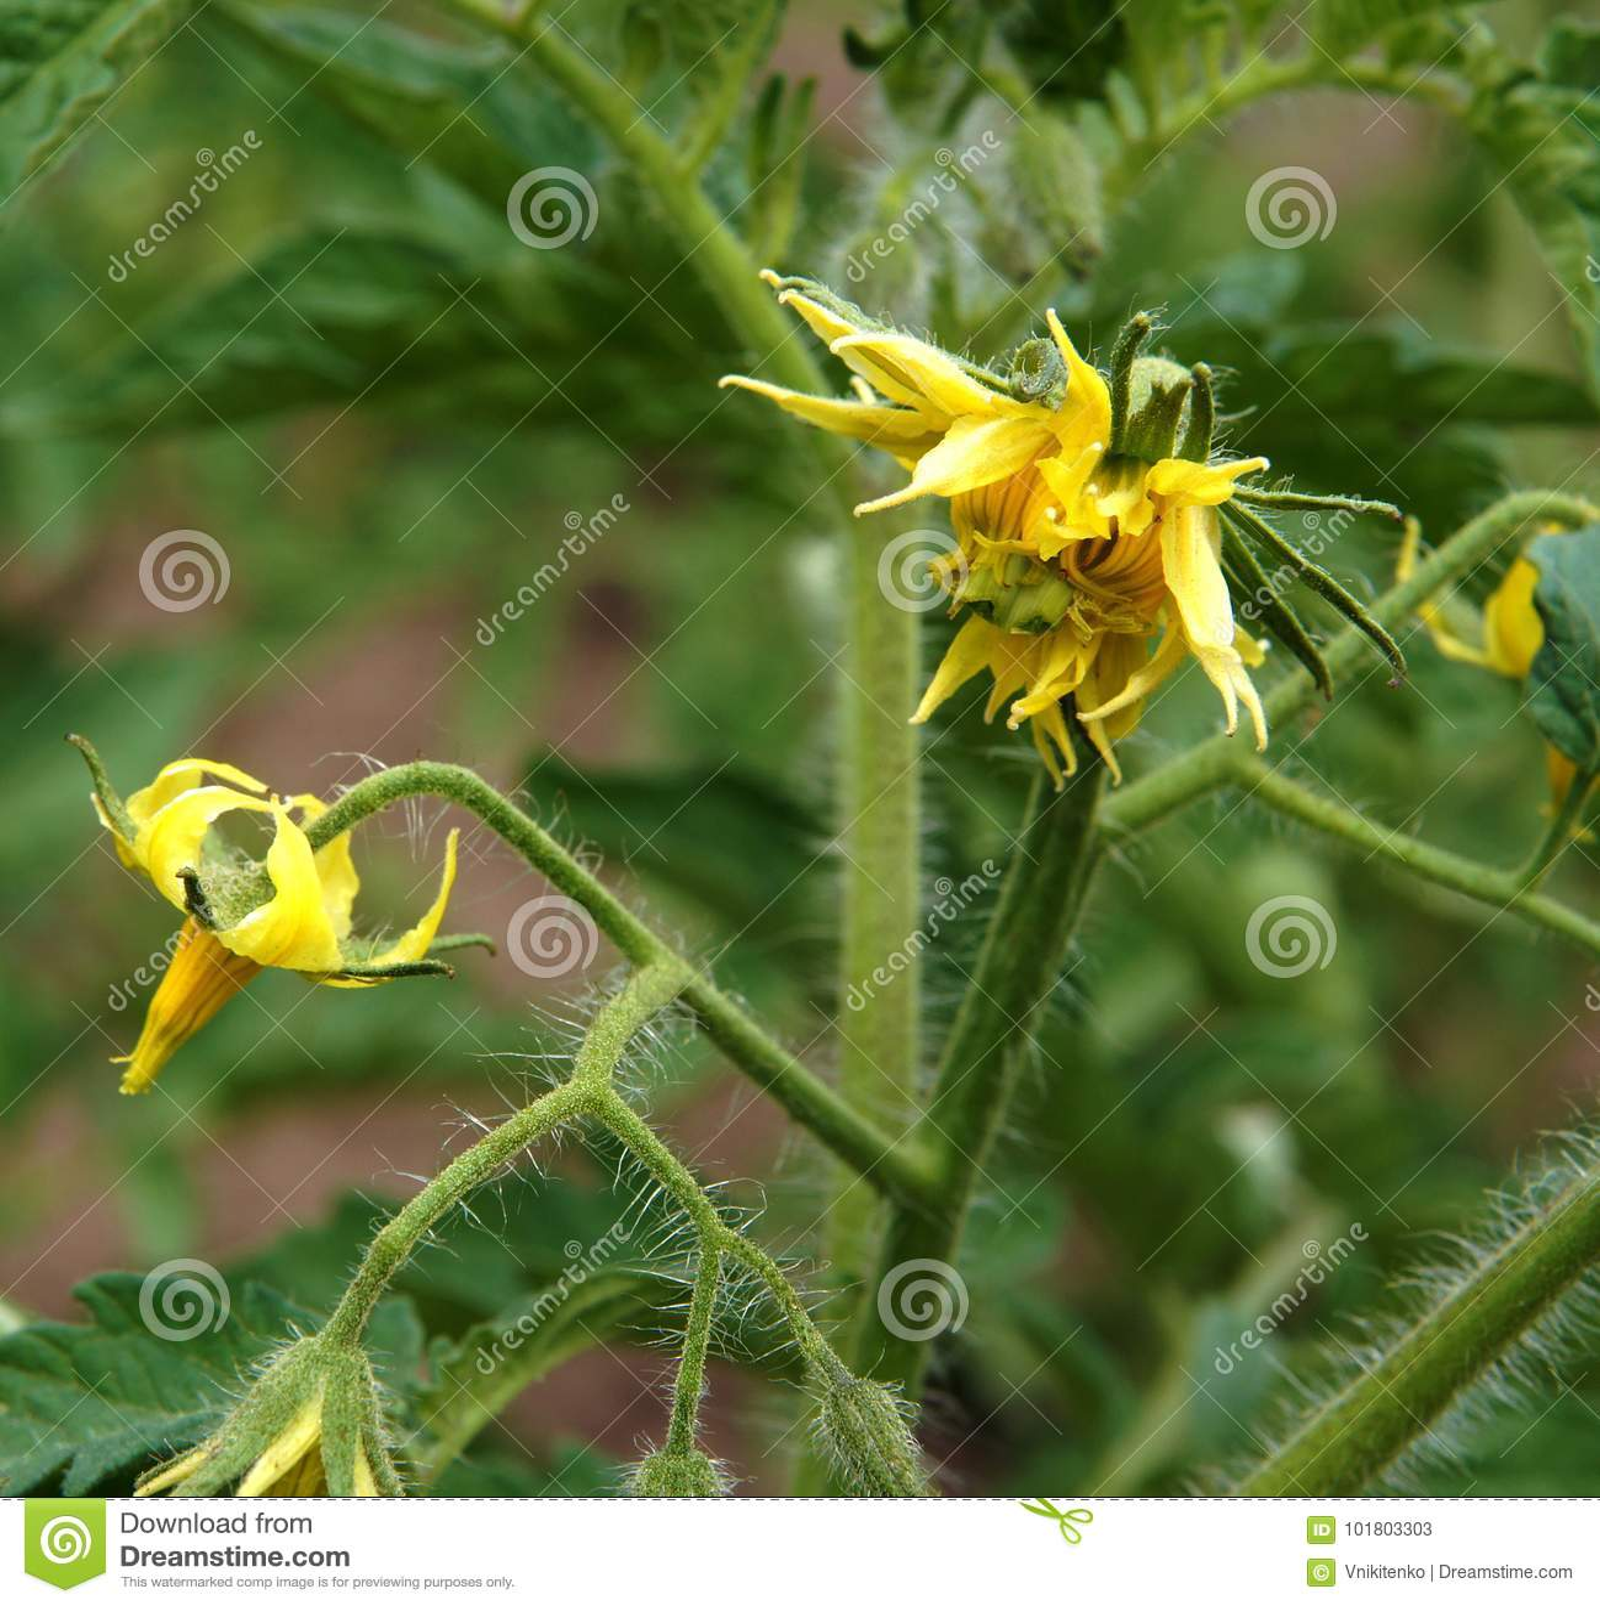 Tomato Plant Fragment Stock Image Image Of Gardening 101803303